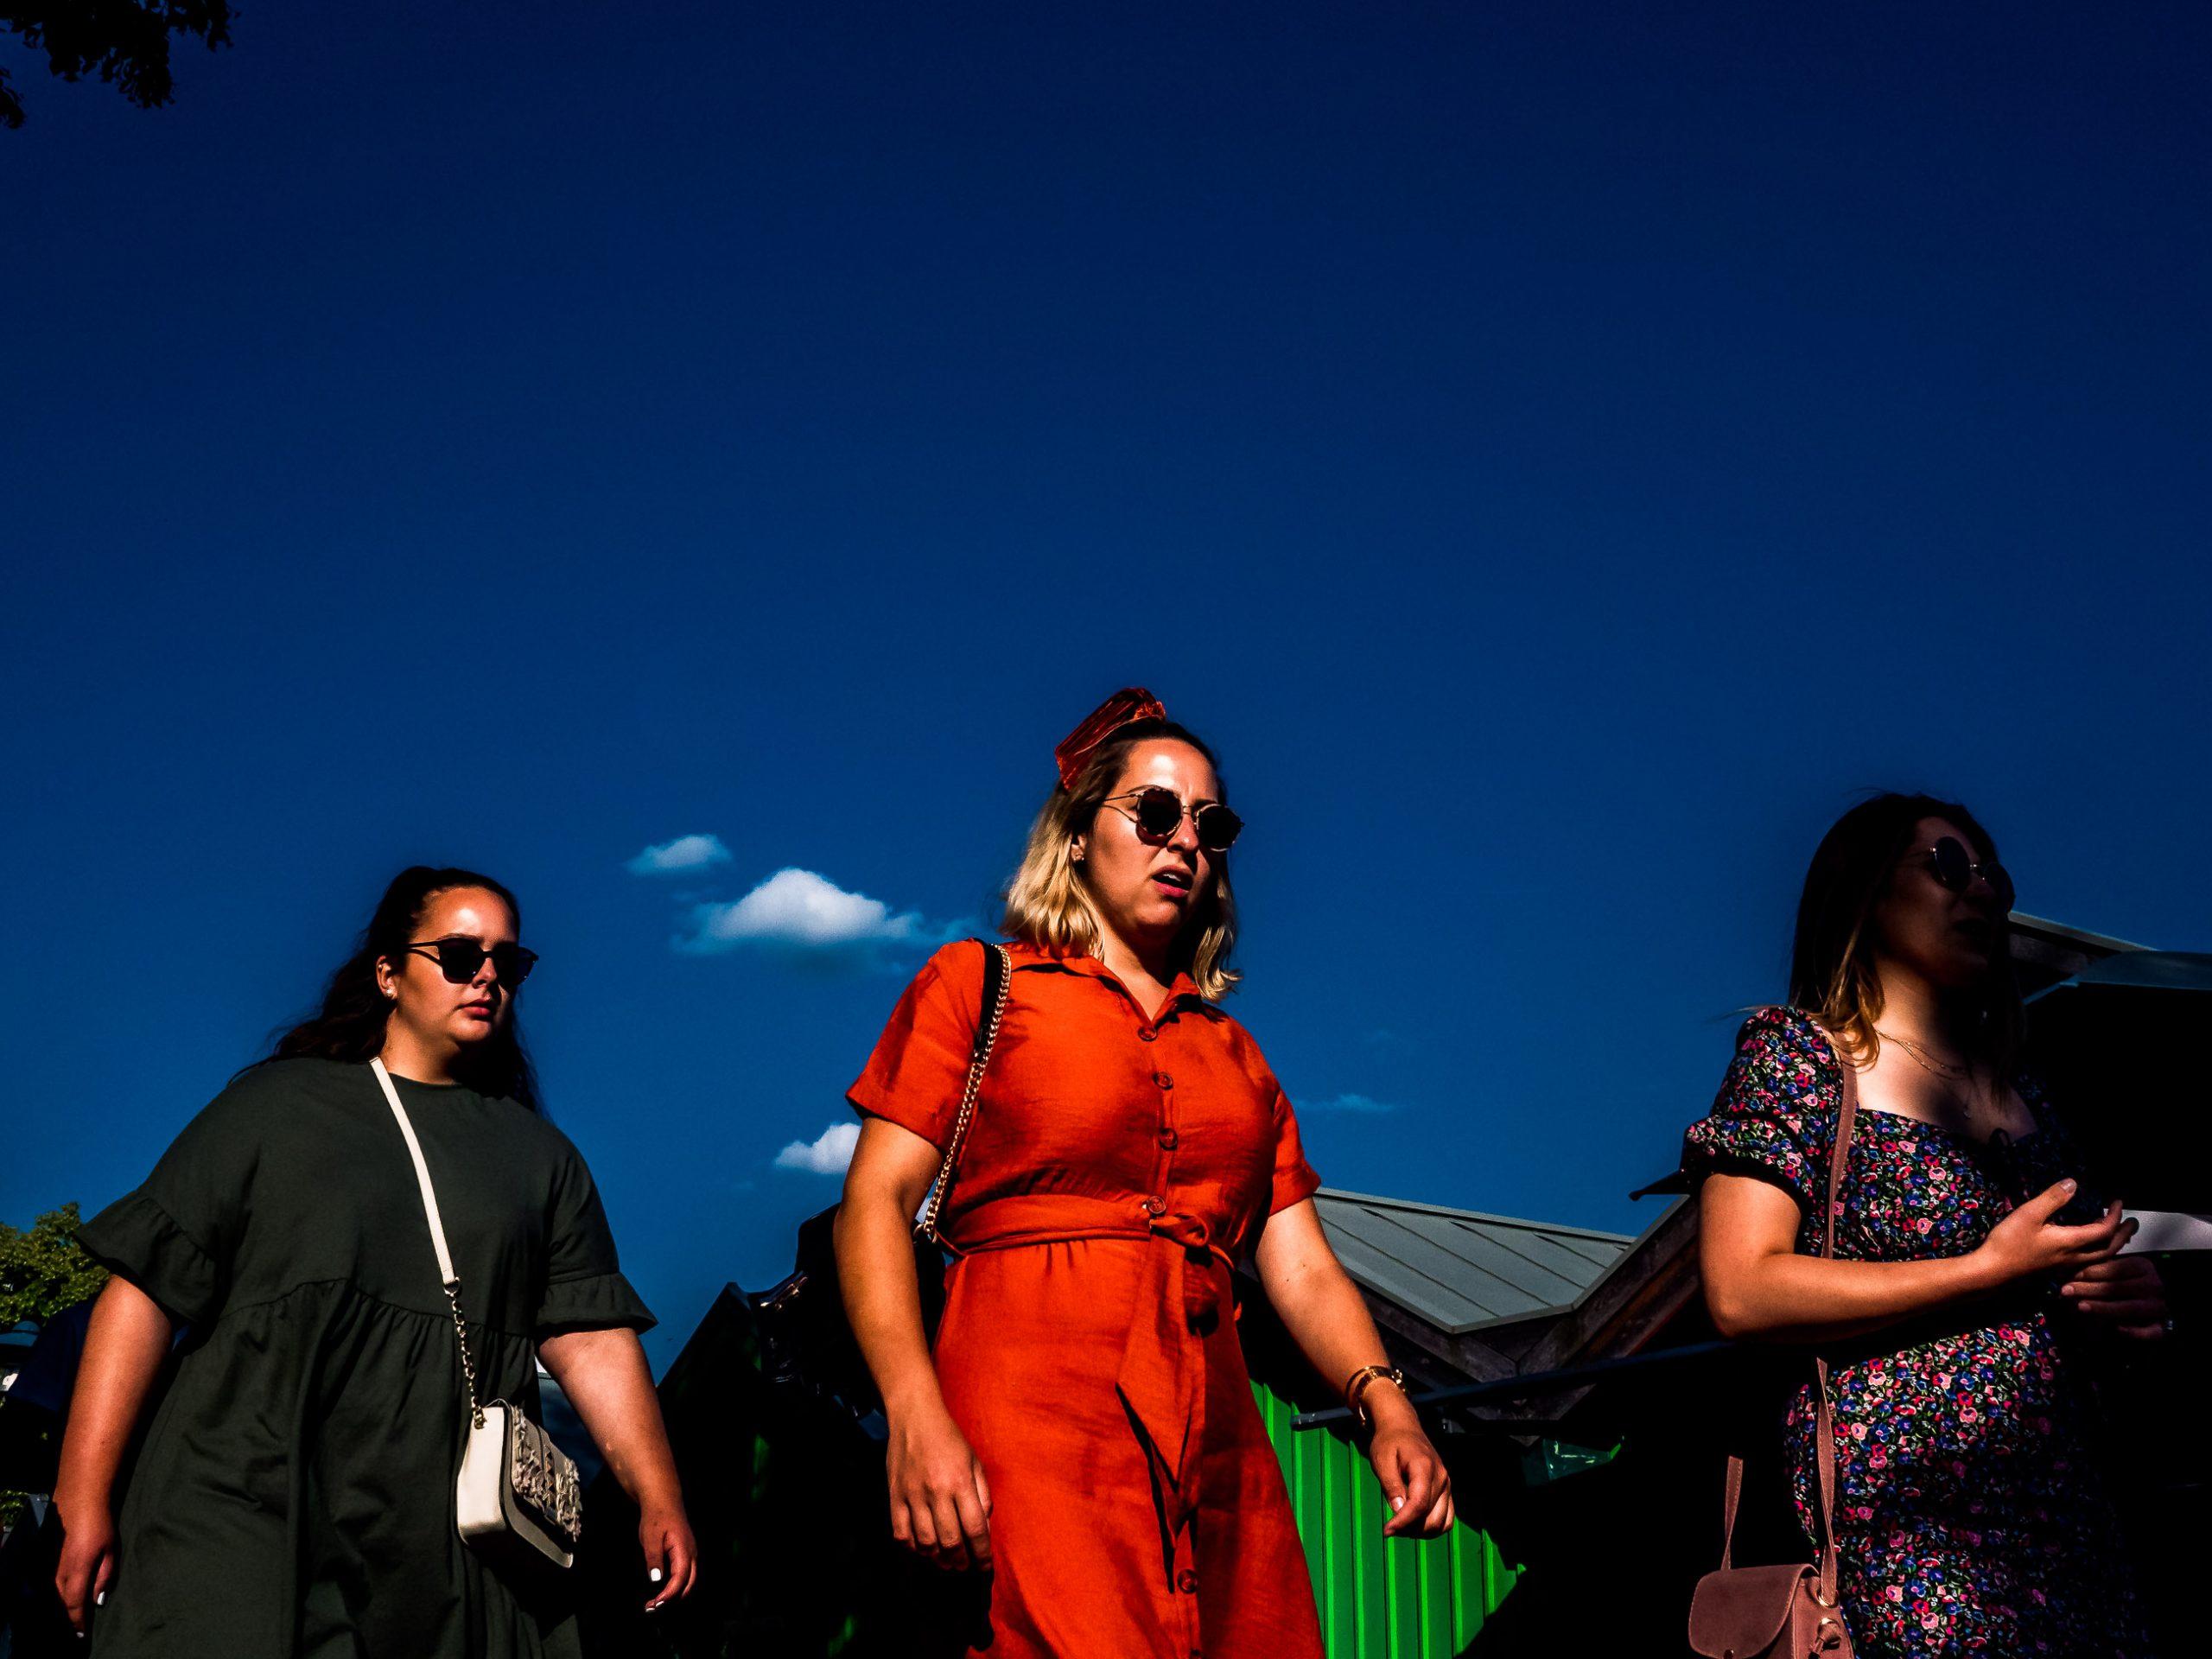 Drei Frauen auf dem Weg zur Strandkneipe  Menschen auf der Strandpromenade in Starnberg am See in Bayern,